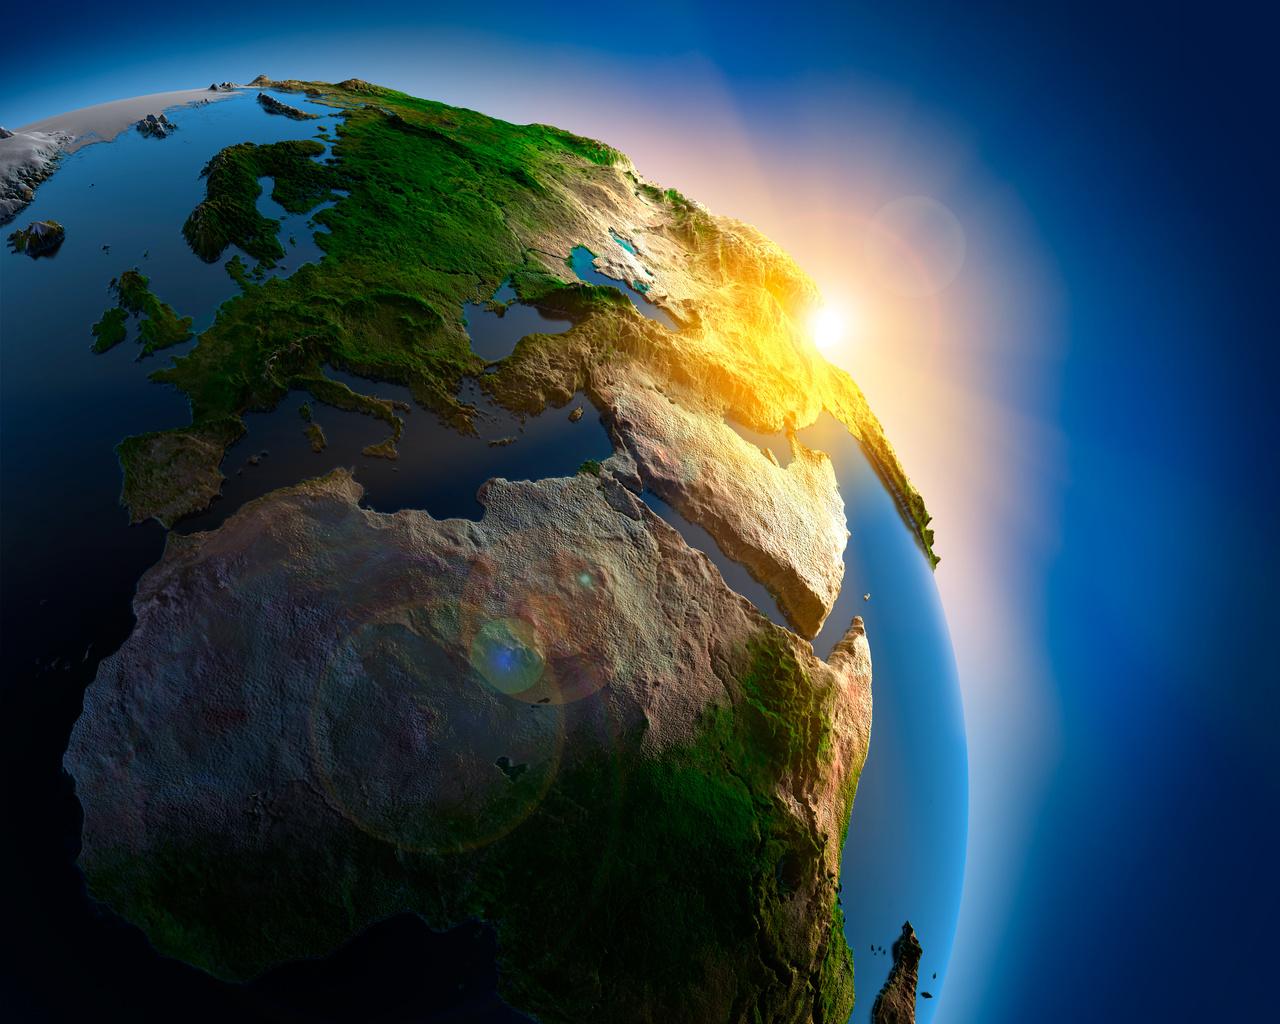 Земля, удивительно красивые фото